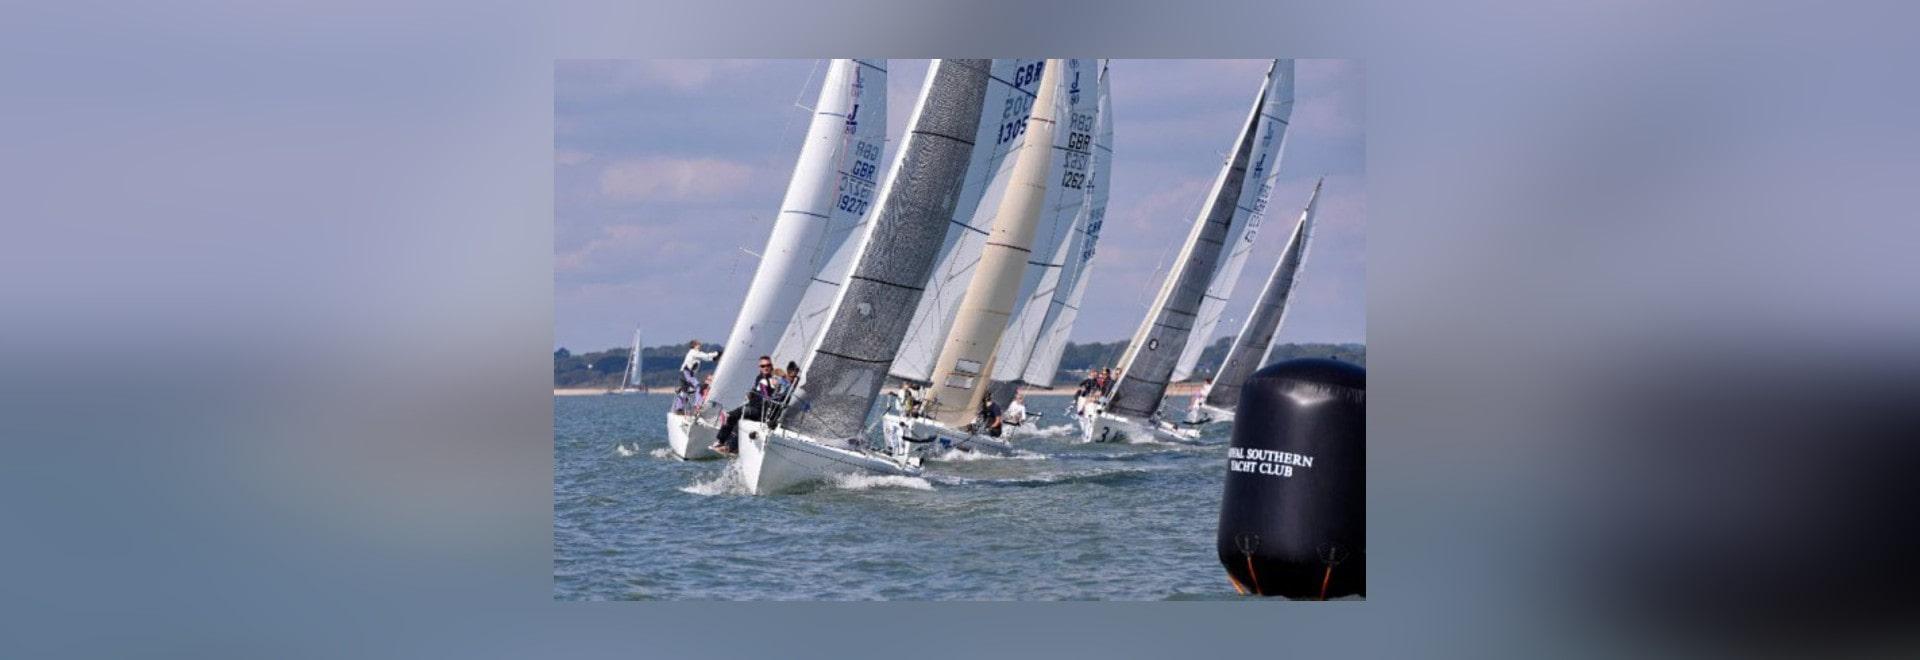 L'académie méridionale royale de club de yacht sont prête pour la coupe du monde de plaisance du trente-cinquième étudiant 2015